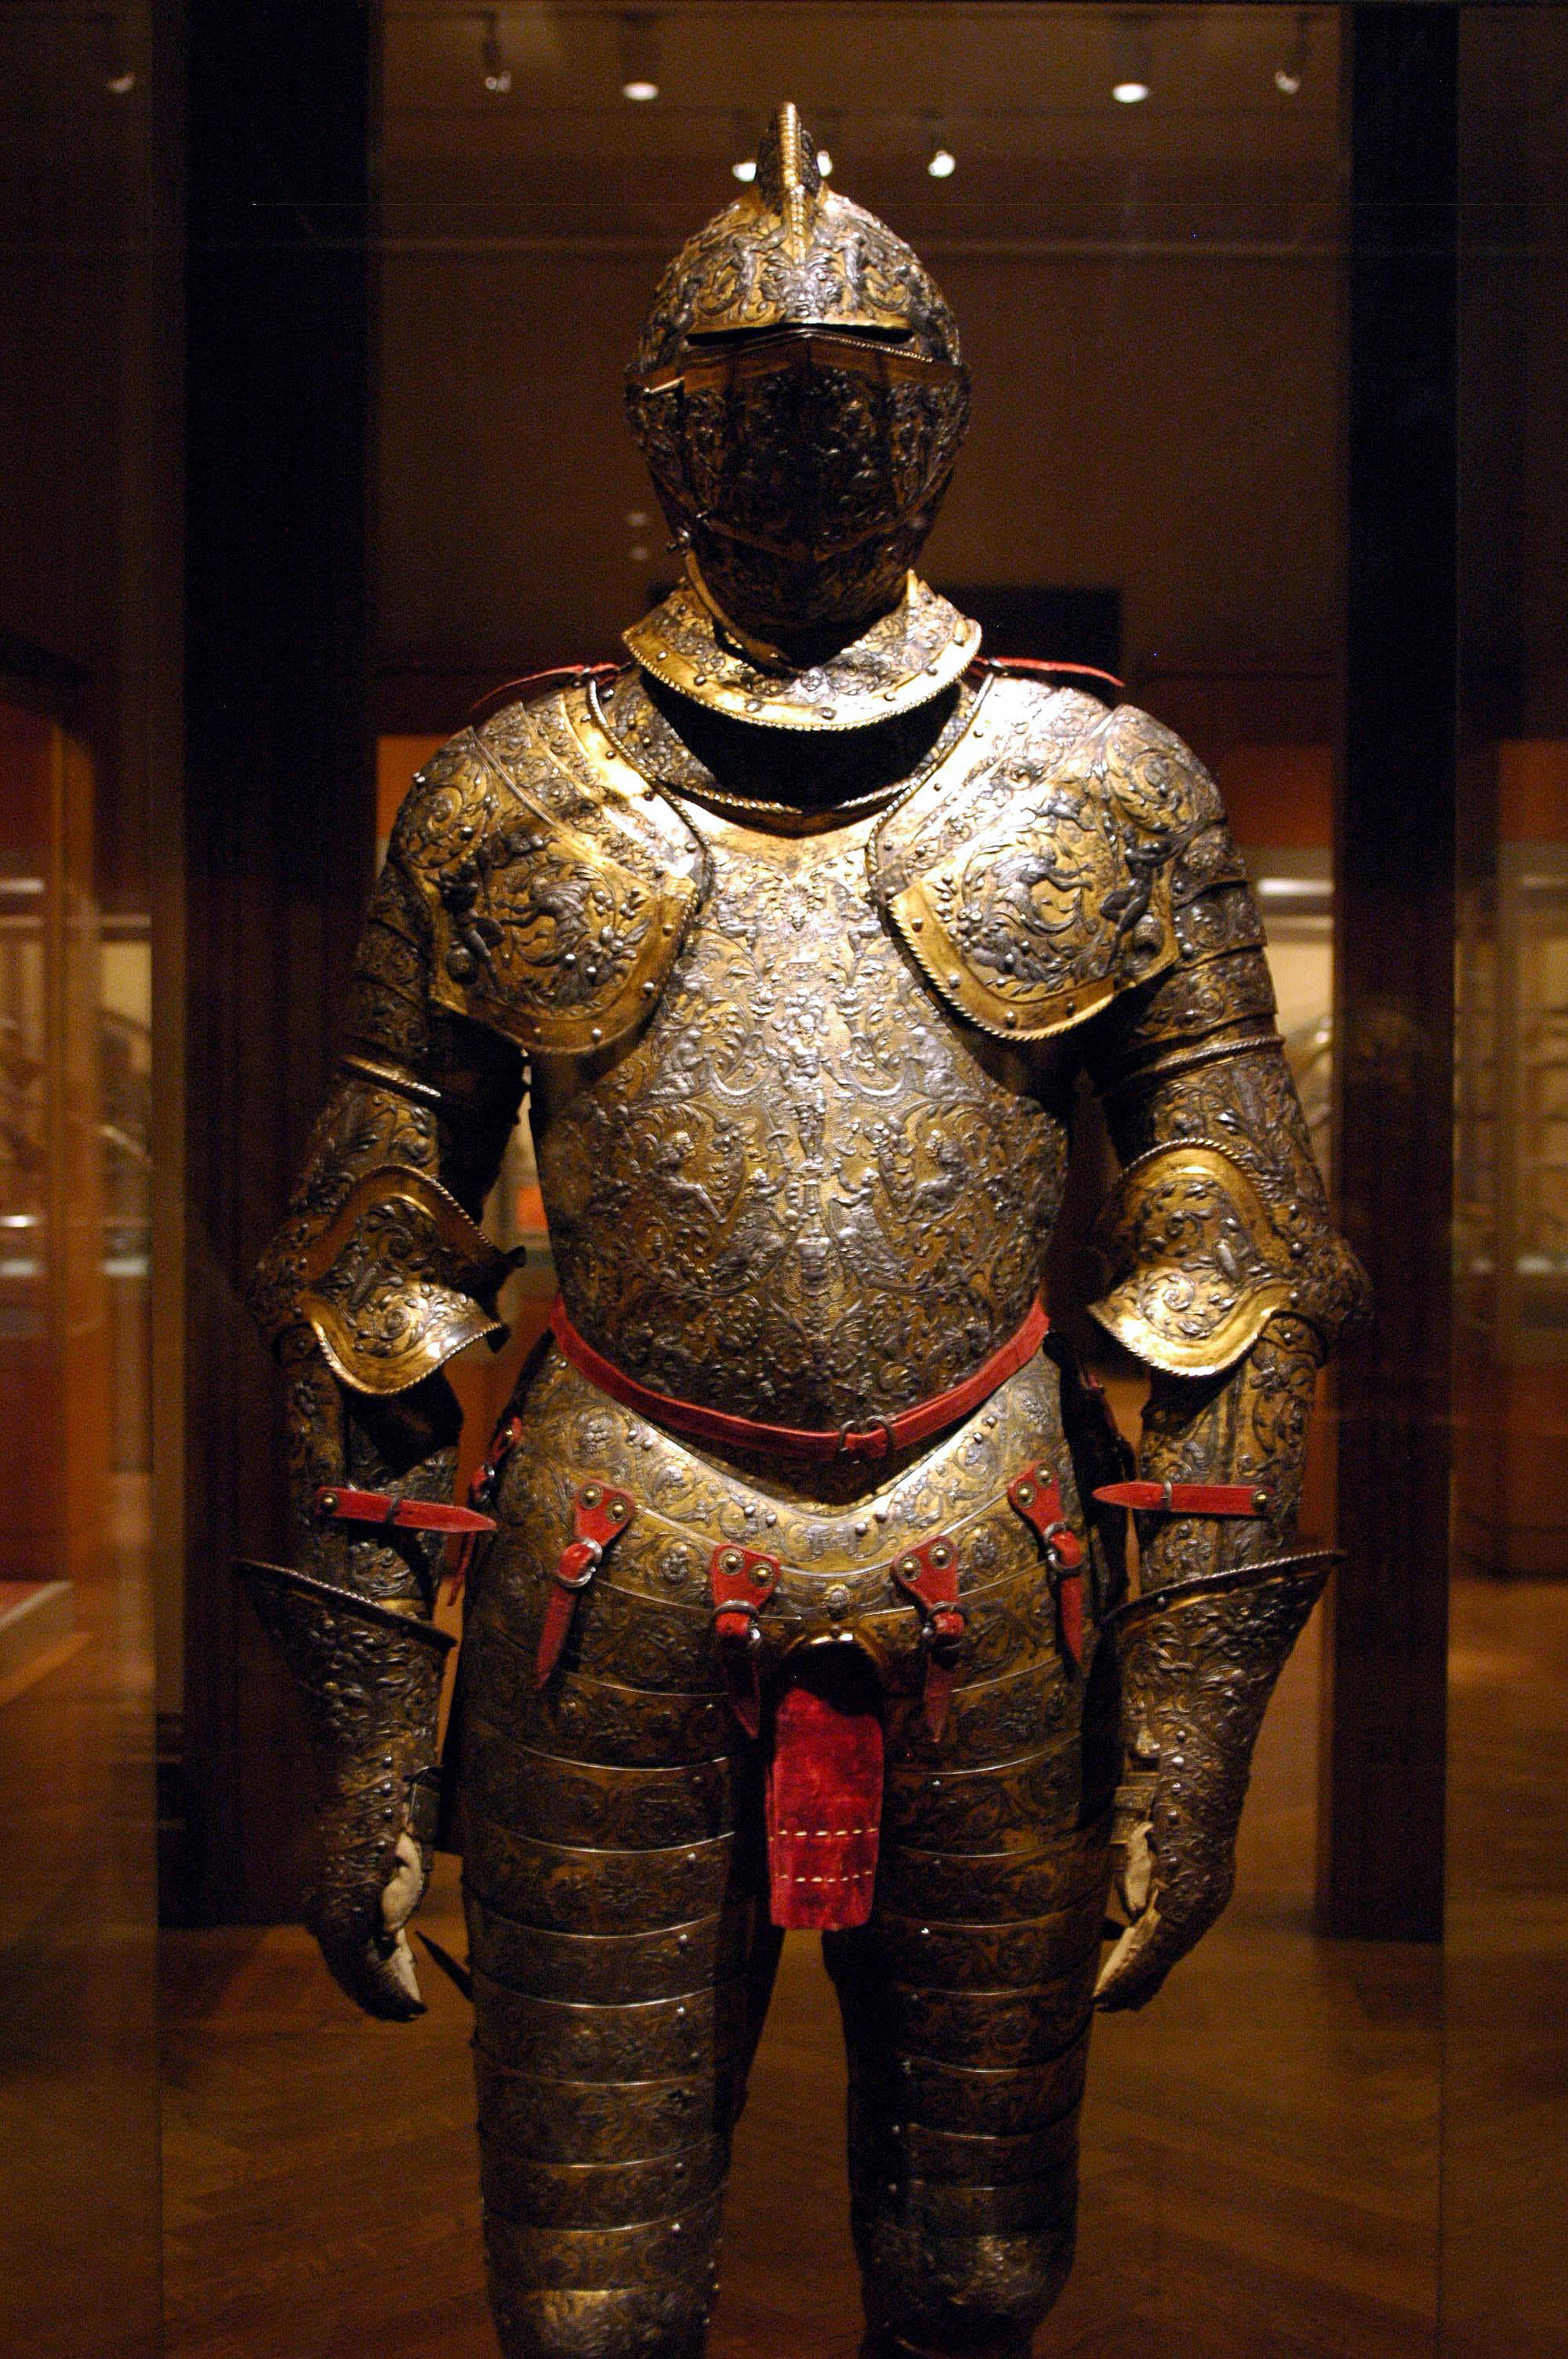 [Obrazek: WLA_metmuseum_Armor_of_Henry_II_of_France.jpg]